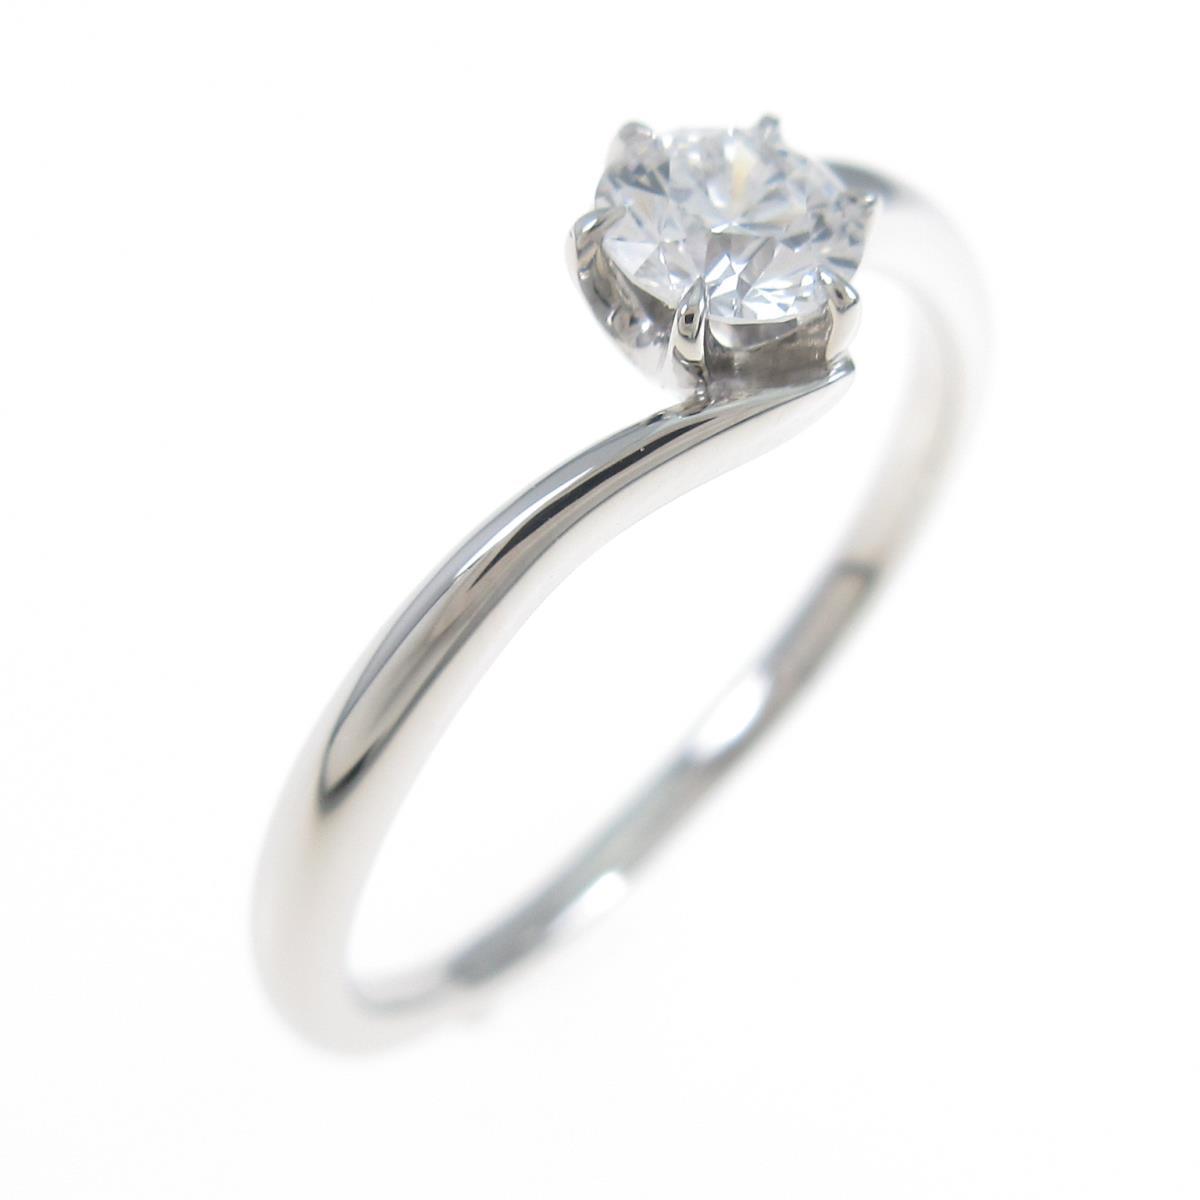 プラチナダイヤモンドリング 0.267ct・D・VVS2・EXT【中古】